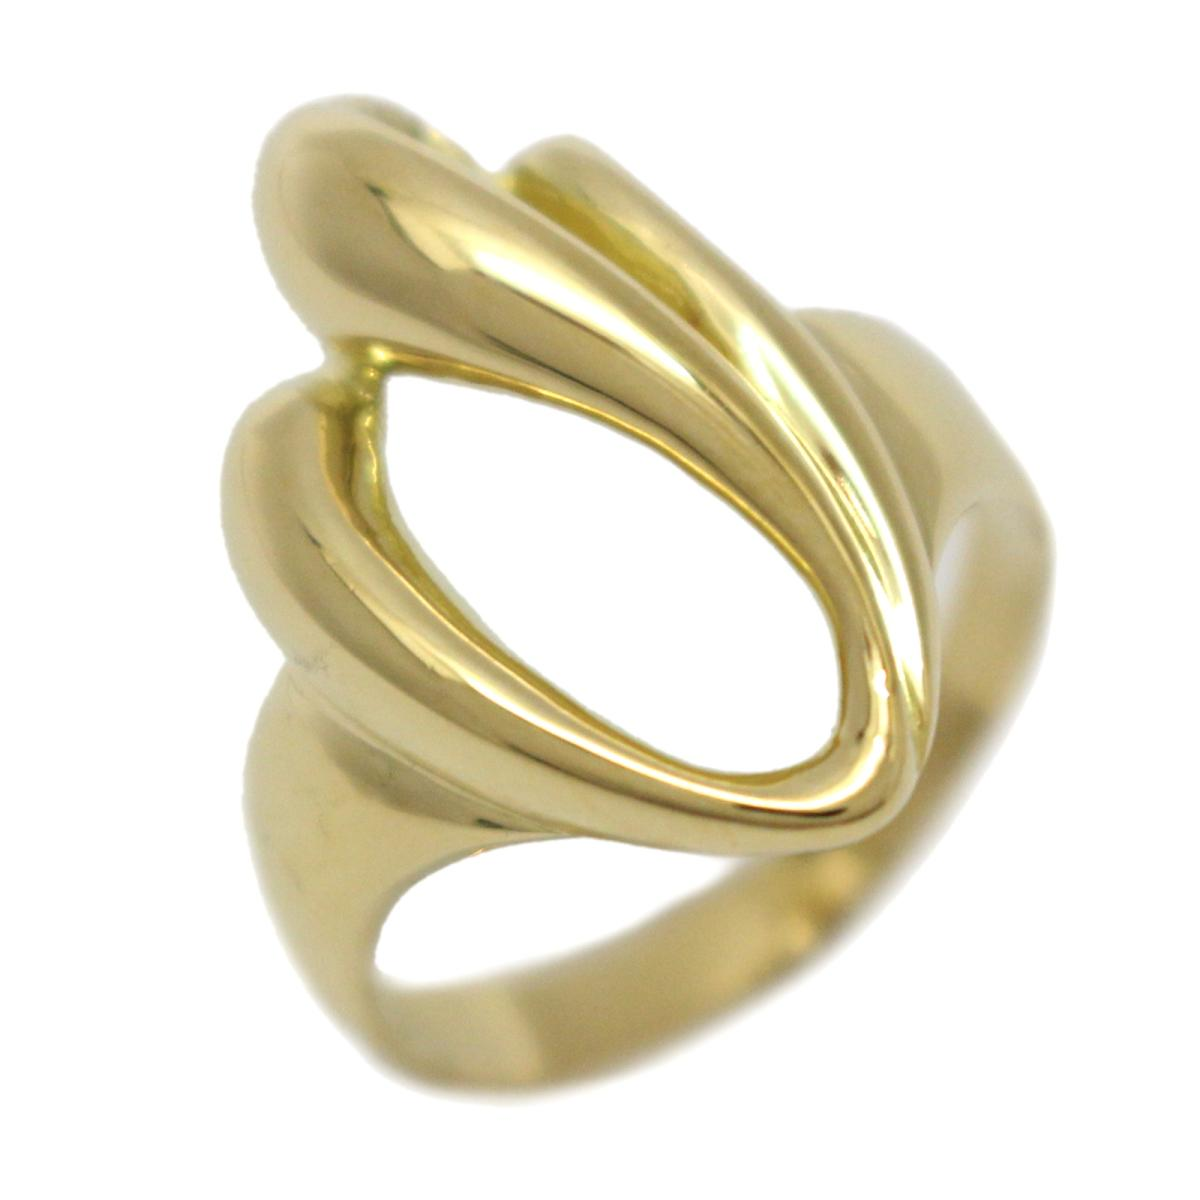 ジュエリー リング 指輪 ノーブランドジュエリー レディース K18YG (750) イエローゴールド 【中古】   JEWELRY BRANDOFF ブランドオフ アクセサリー